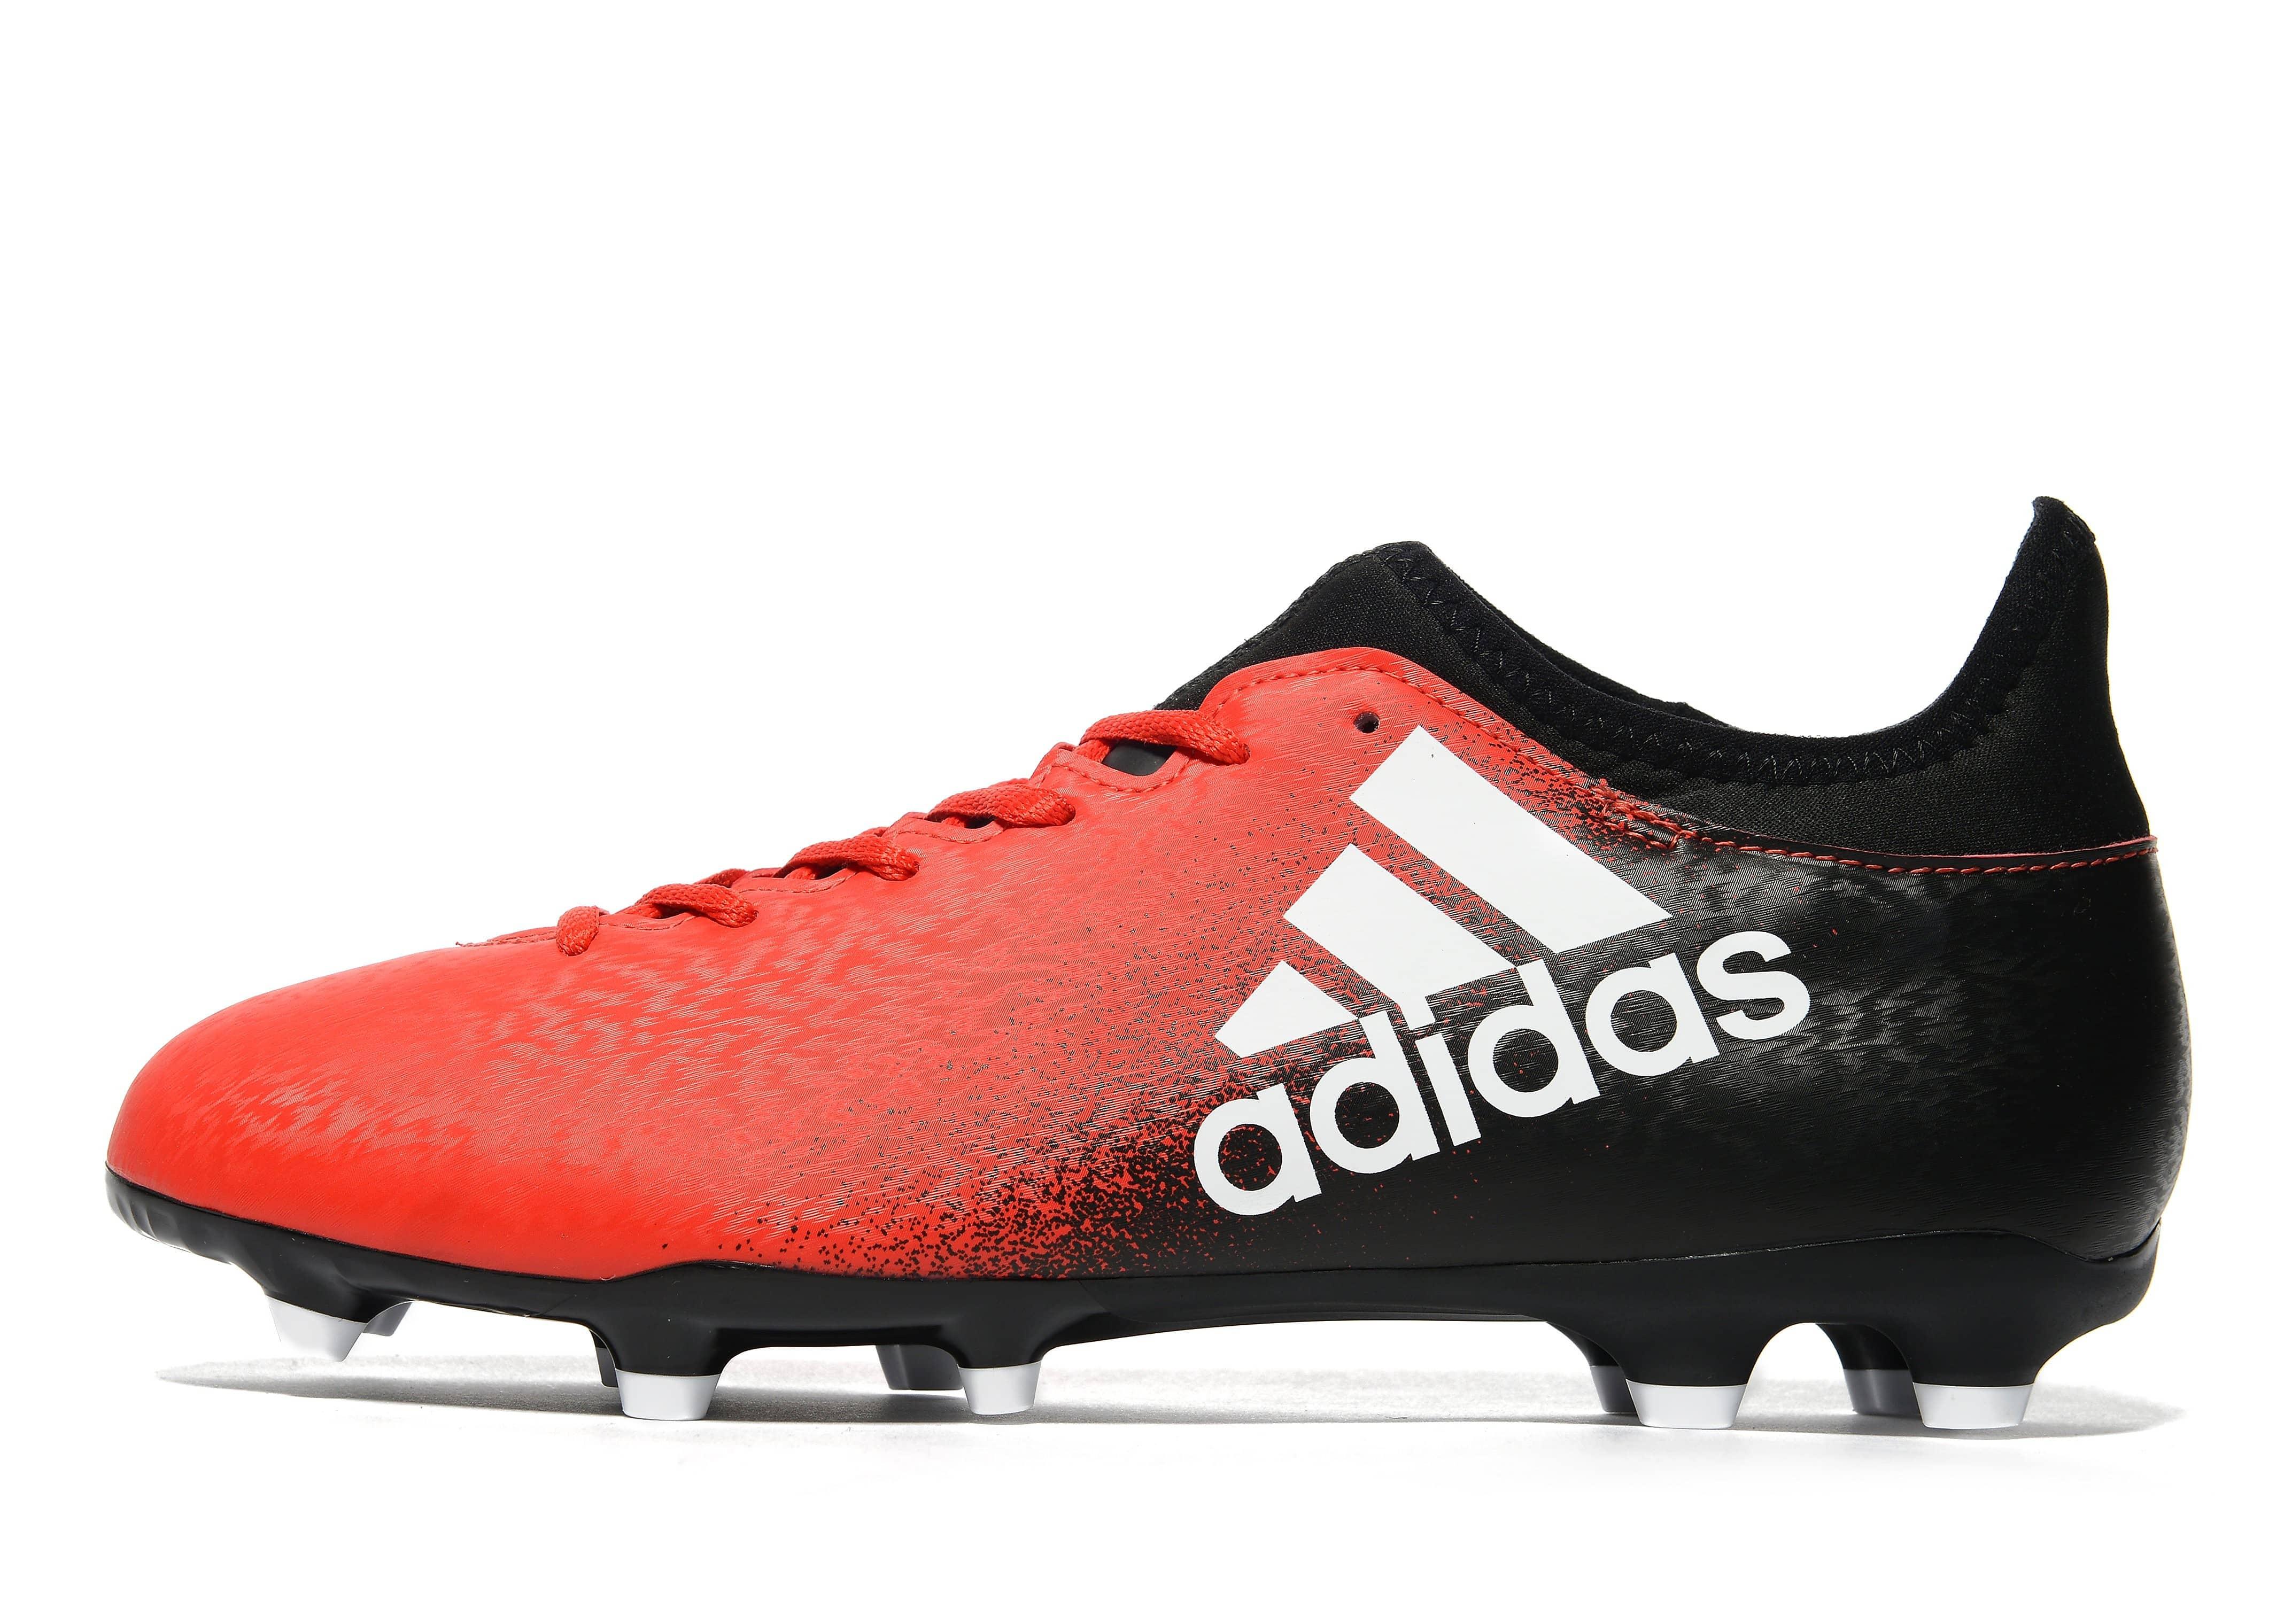 adidas Red Limit X 16.3 FG - Red/ White/Black - Mens